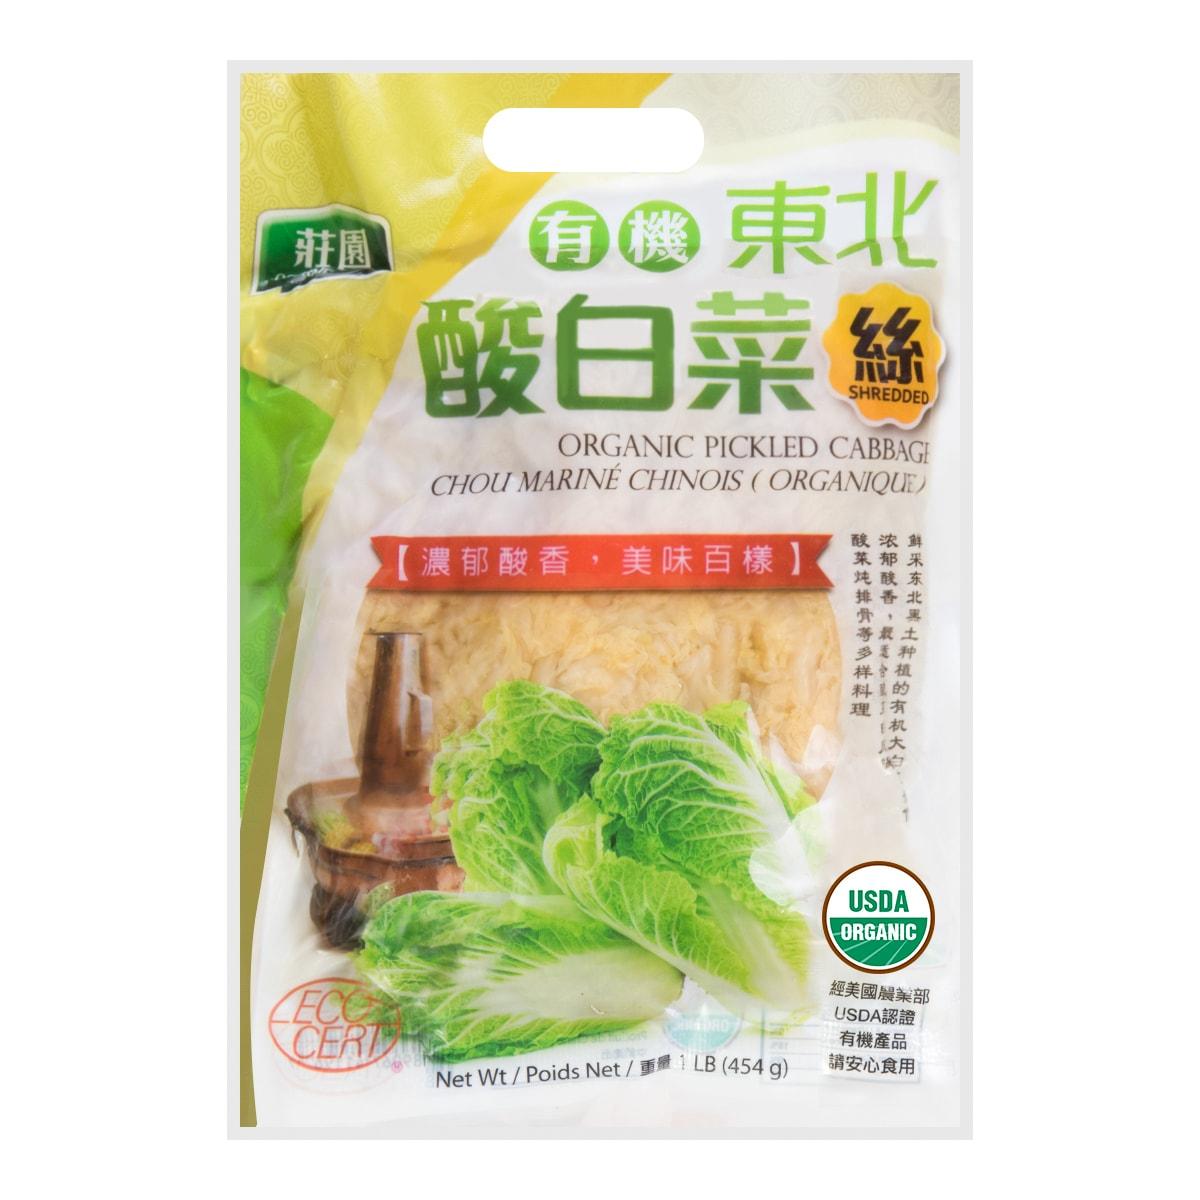 莊园 有机东北酸白菜丝 454g USDA认证